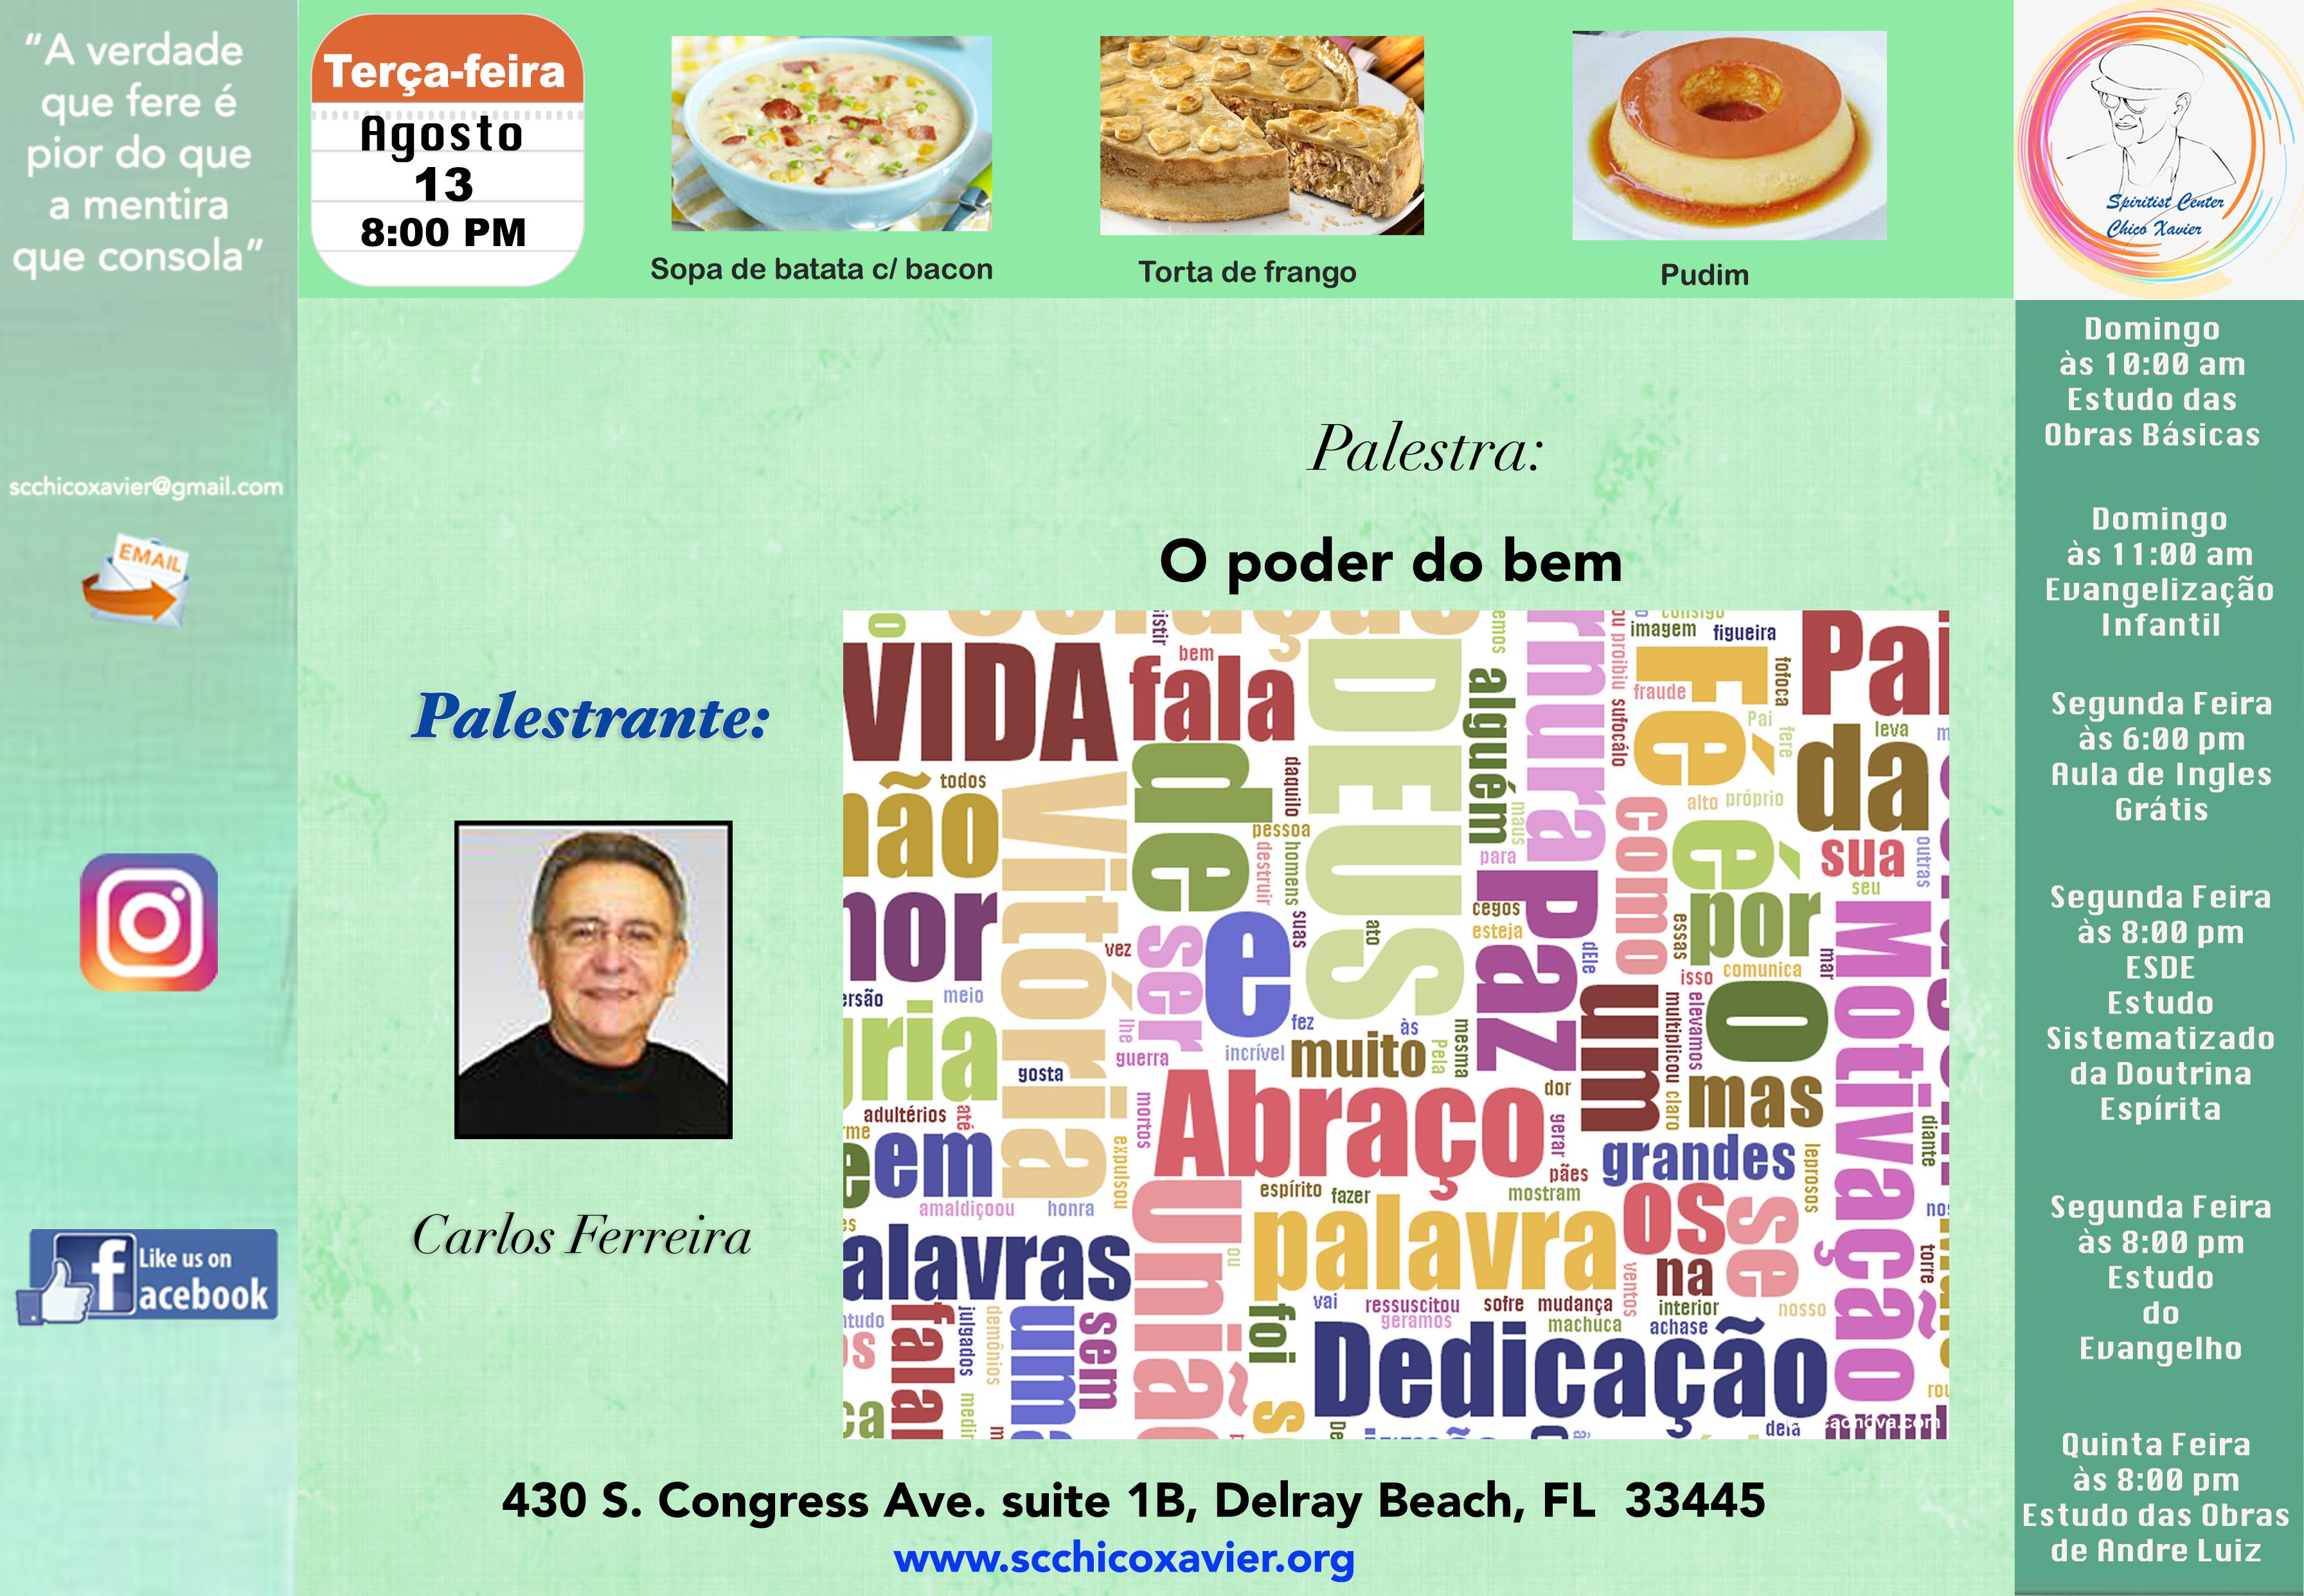 Carlos Ferreira - O poder do bem